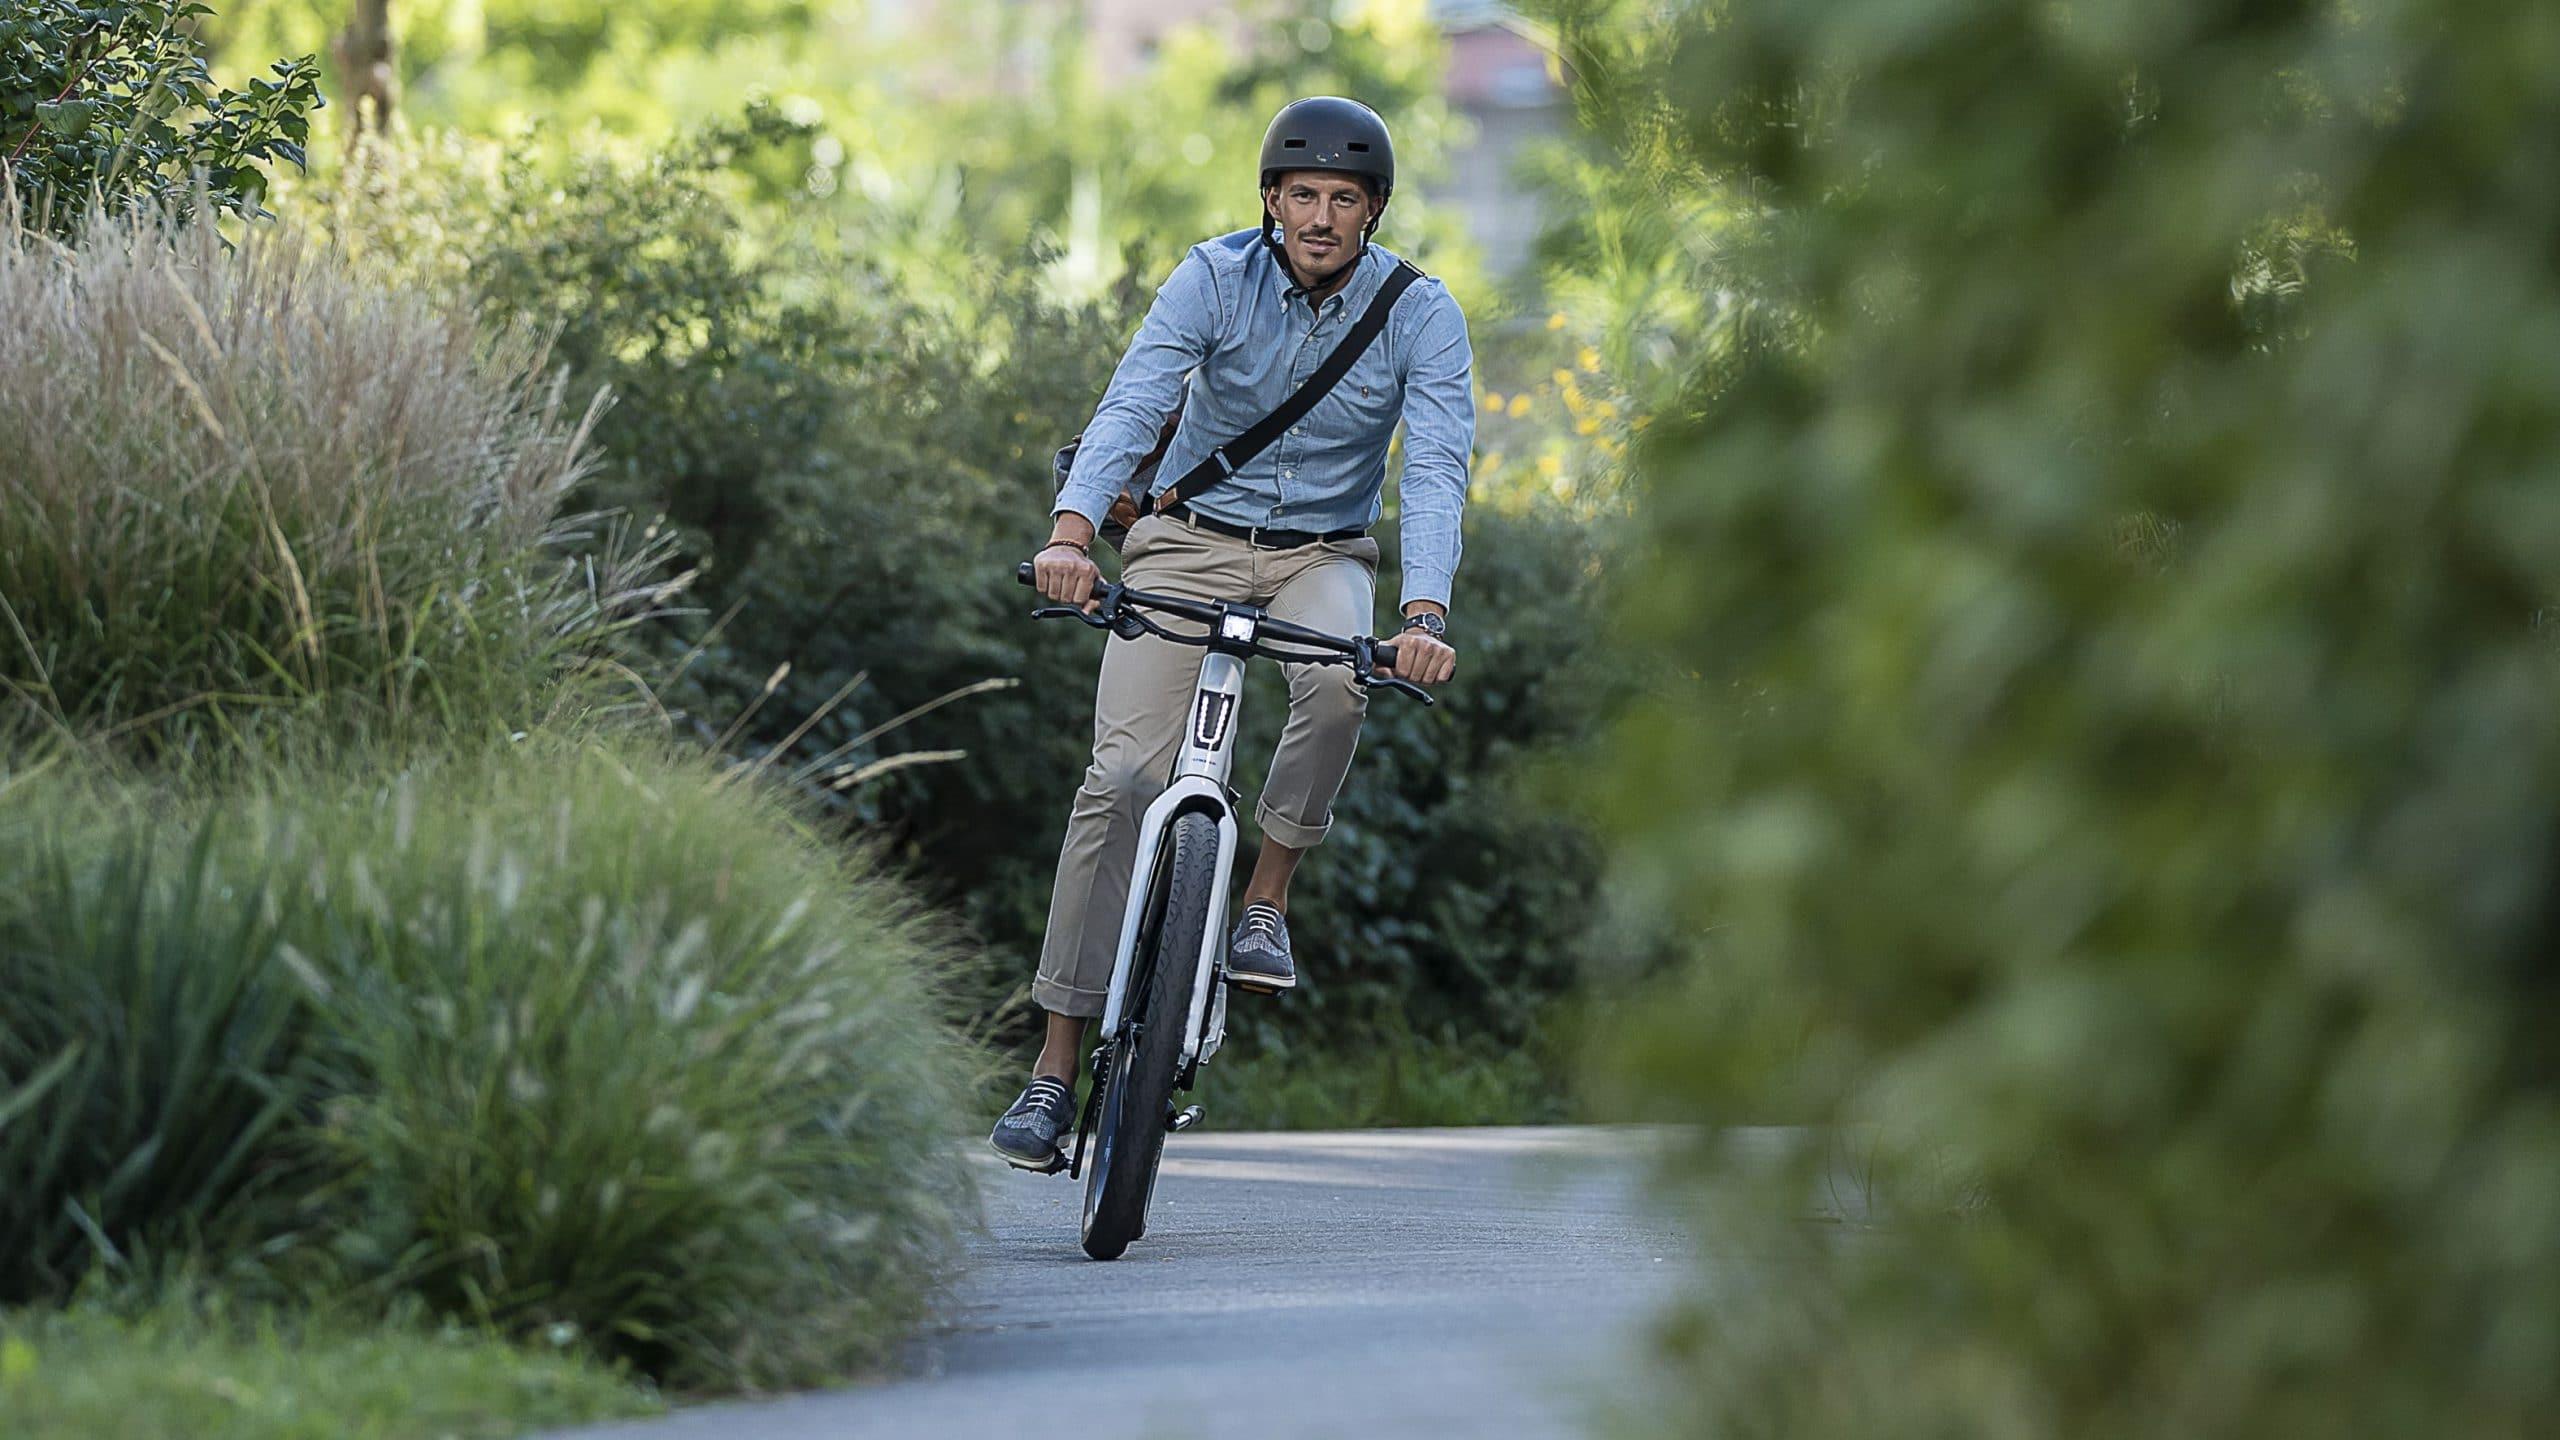 Ein Mann fährt mit seinem Stromer ST3 e-Bike durch Grüne